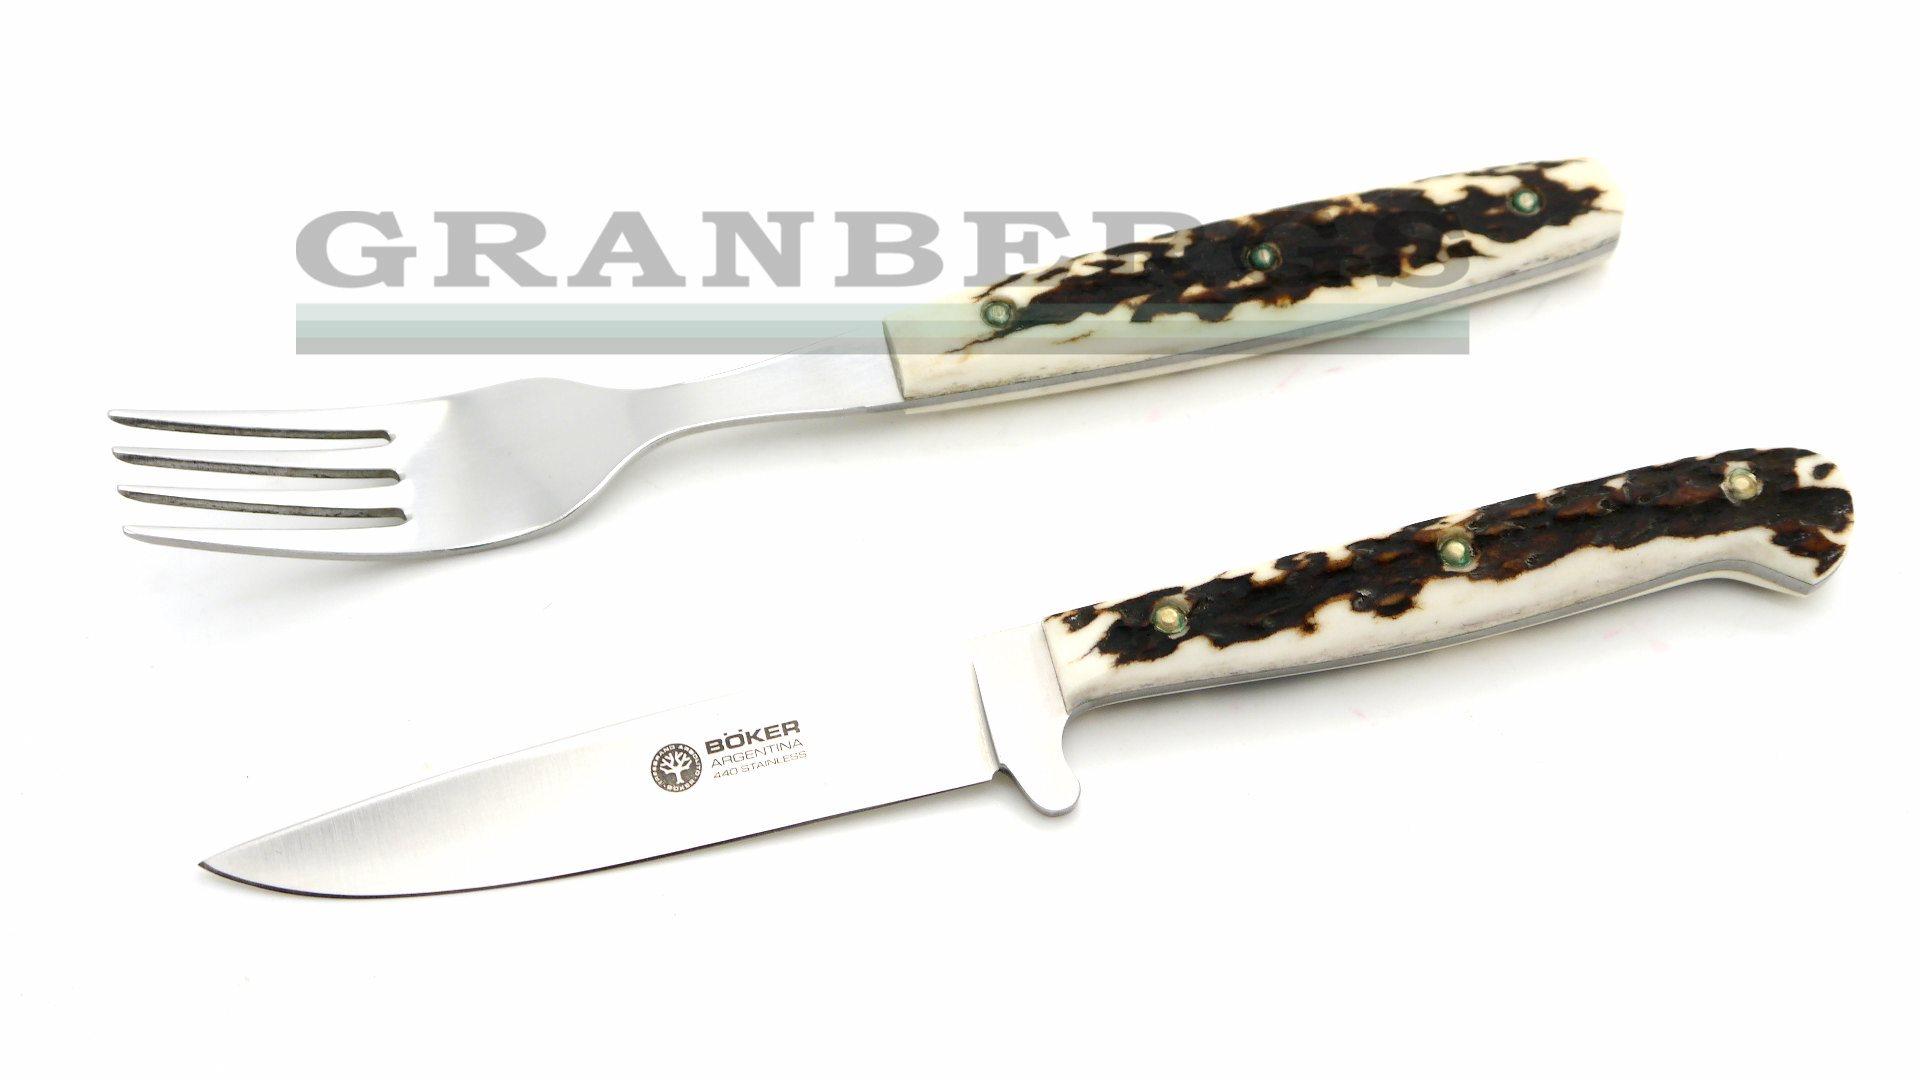 granbergs boker 03ba501hh arbolito stamigo stag knife u0026 fork set